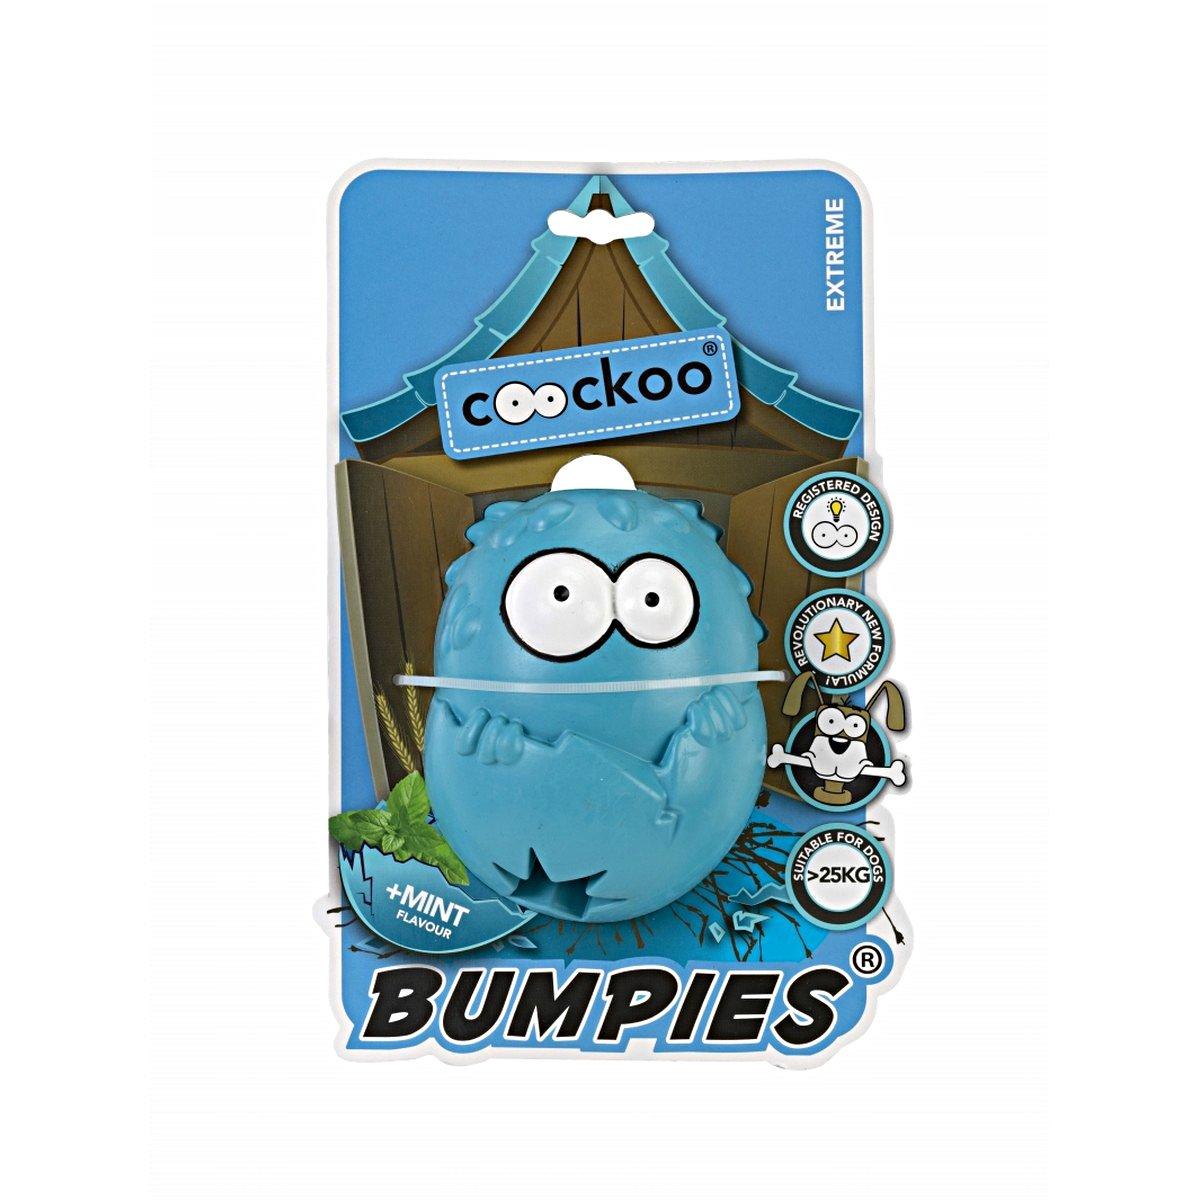 Afbeelding van Coockoo Bumpies Caribbean Blue Blauw 11x8,7x7,5cm